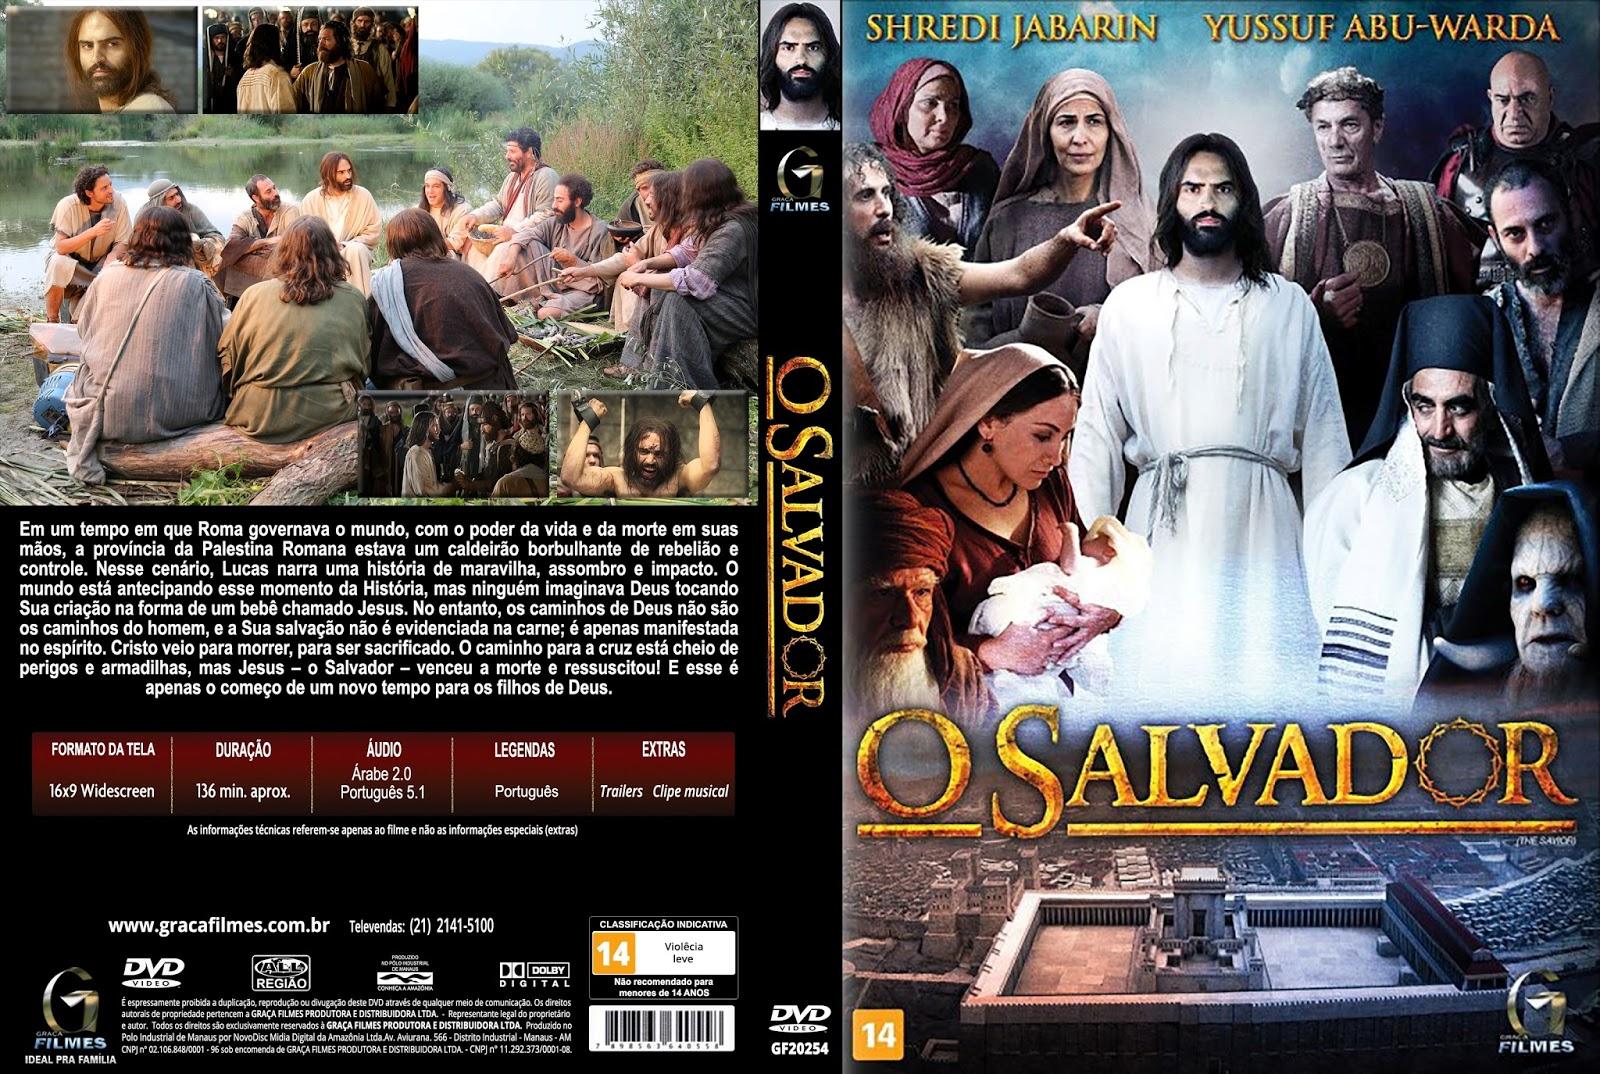 Resultado de imagem para O Salvador capa